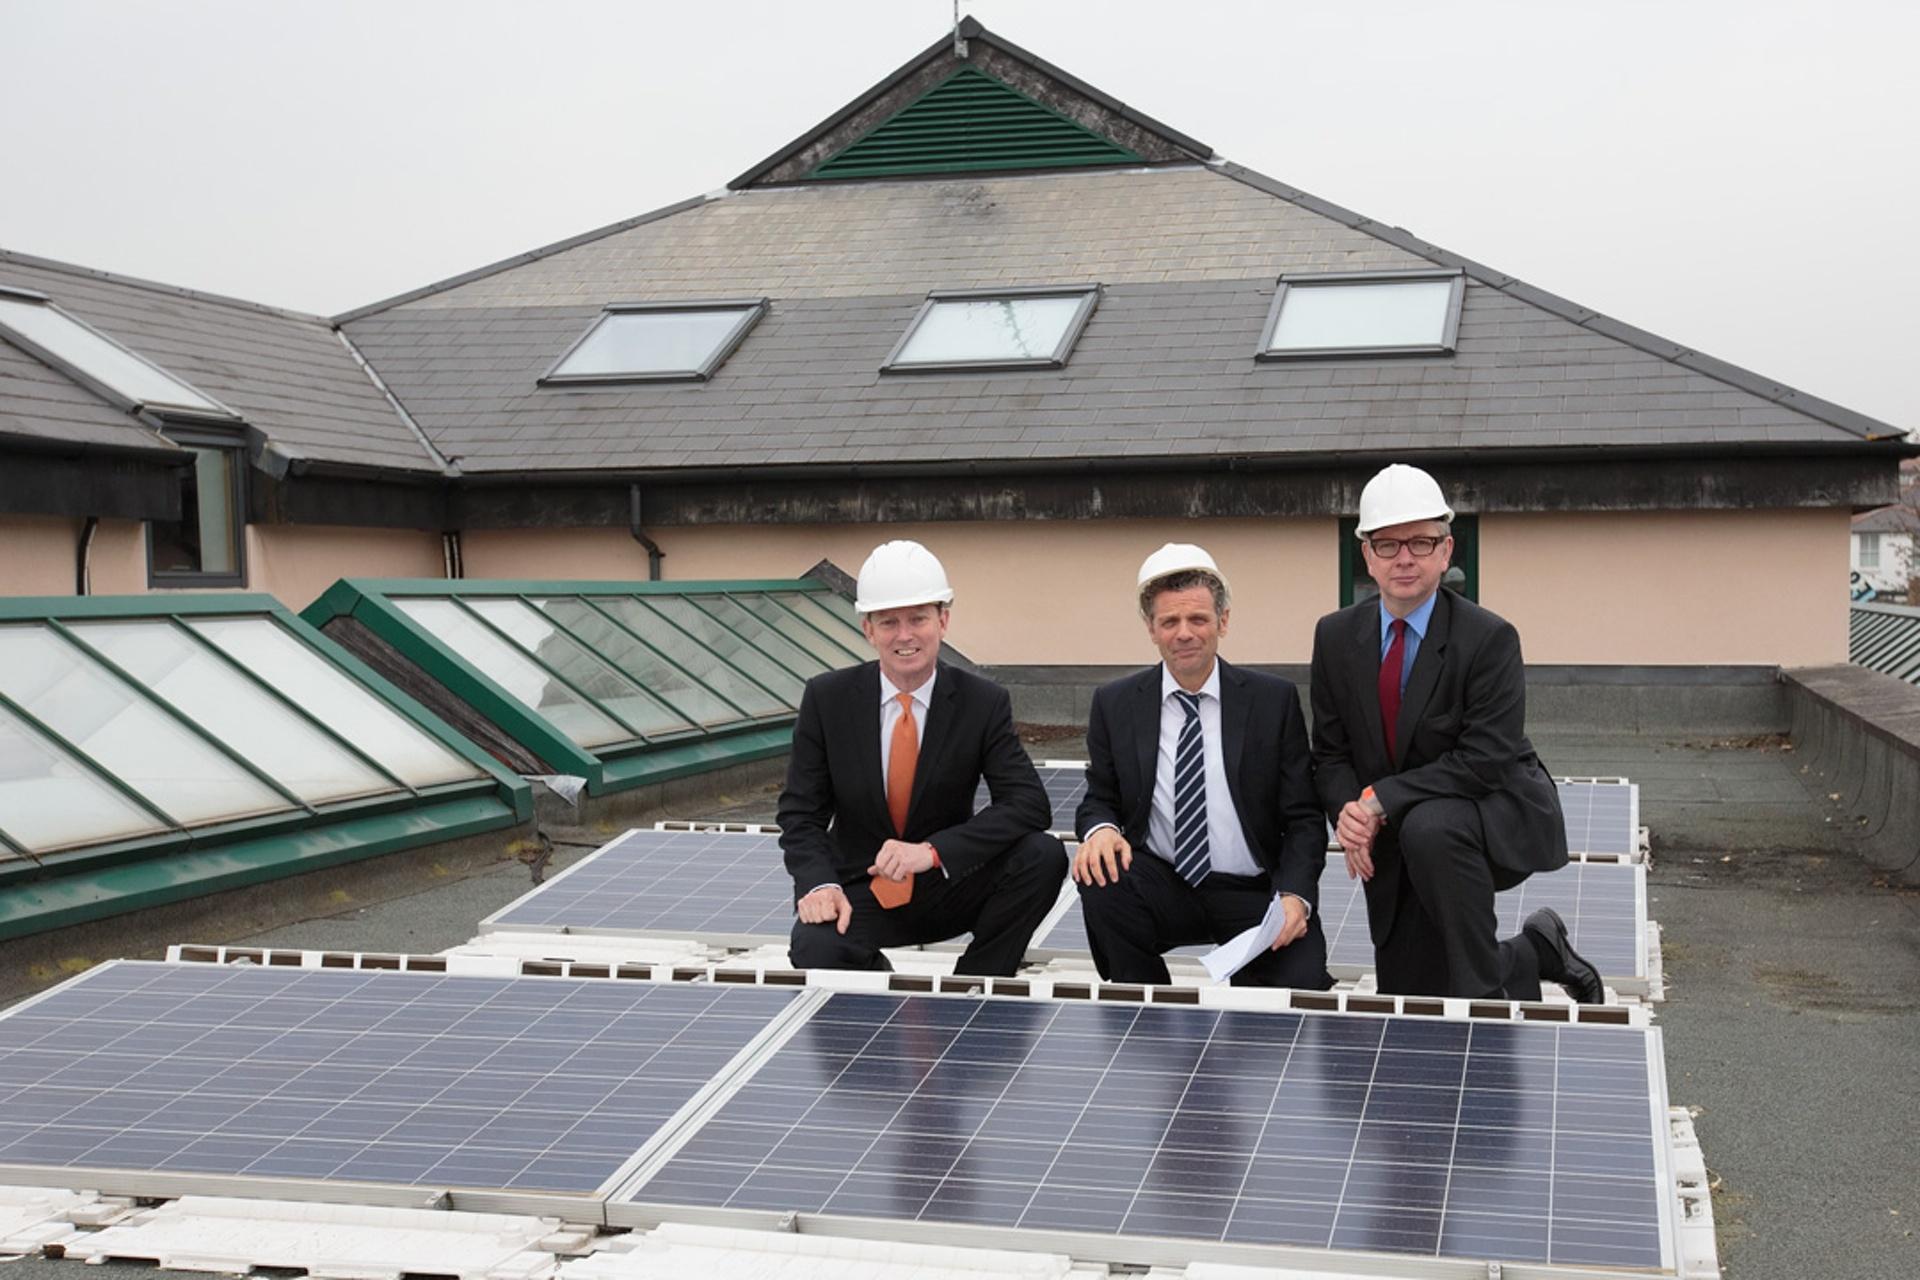 Solar schools project